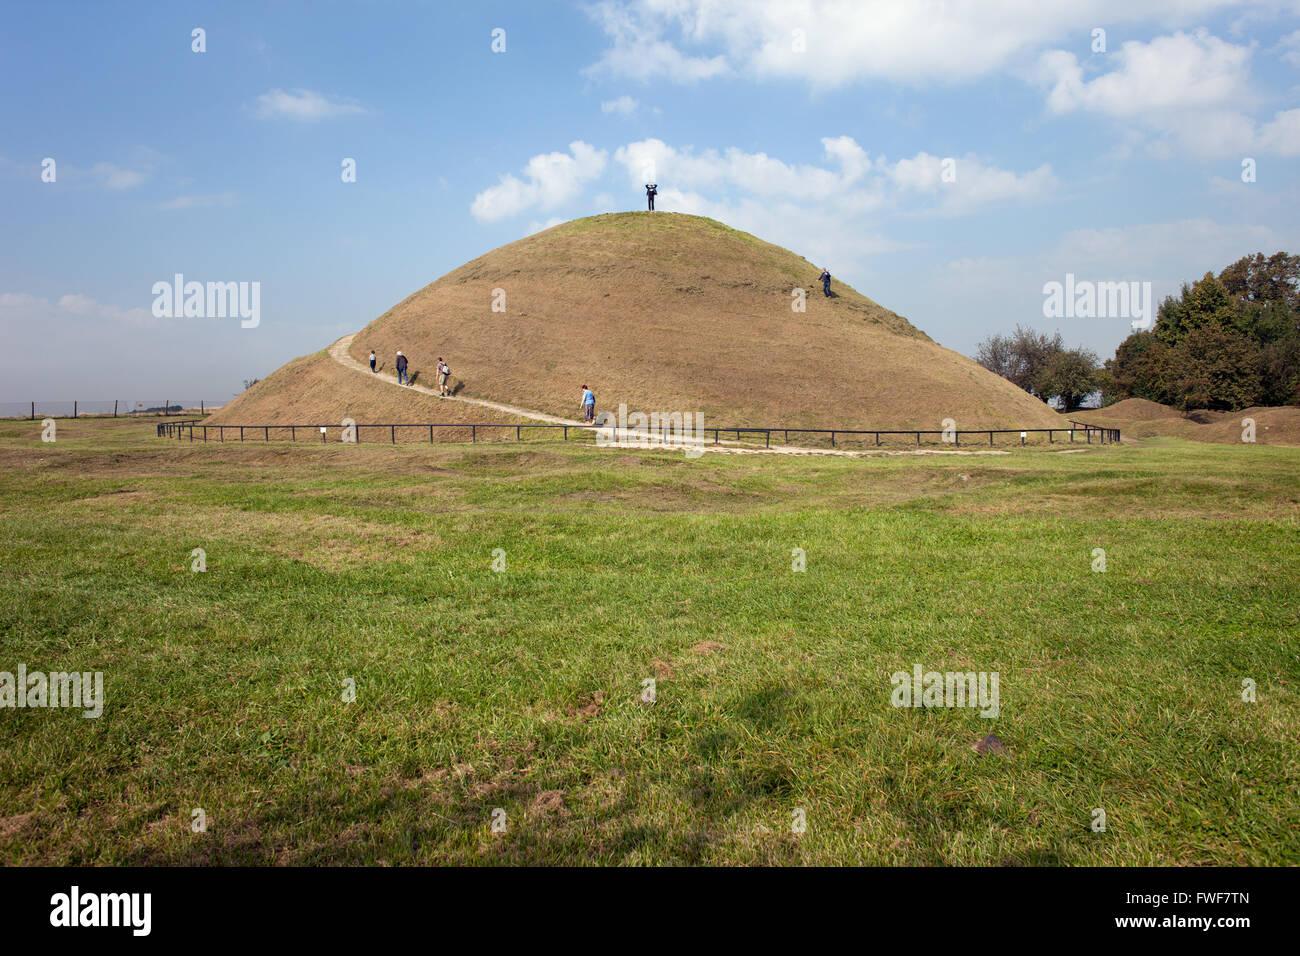 Poland, Krakow, Mound of Krak or Krakus Mound (Kopiec Krakusa, Kraka), an ancient, mysterious prehistoric man-made - Stock Image